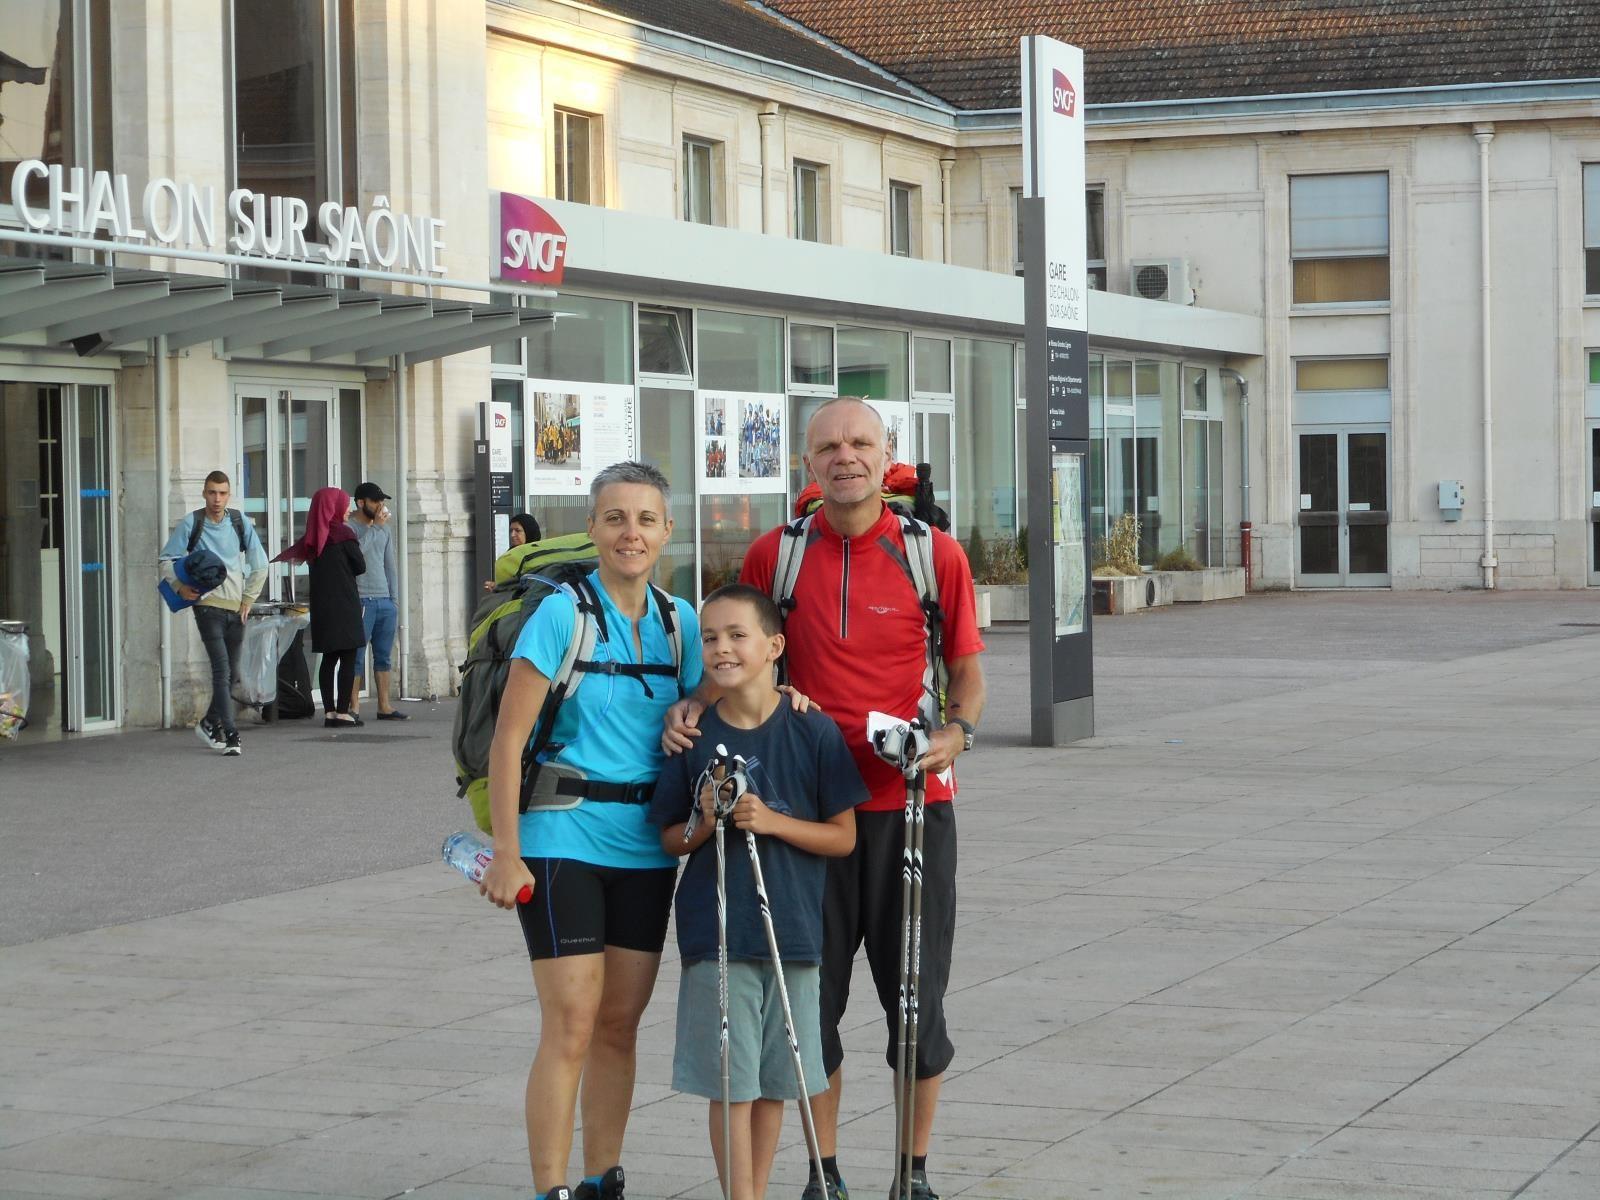 12 juillet, comme en 2013, départ en train de Chalon sur Saône